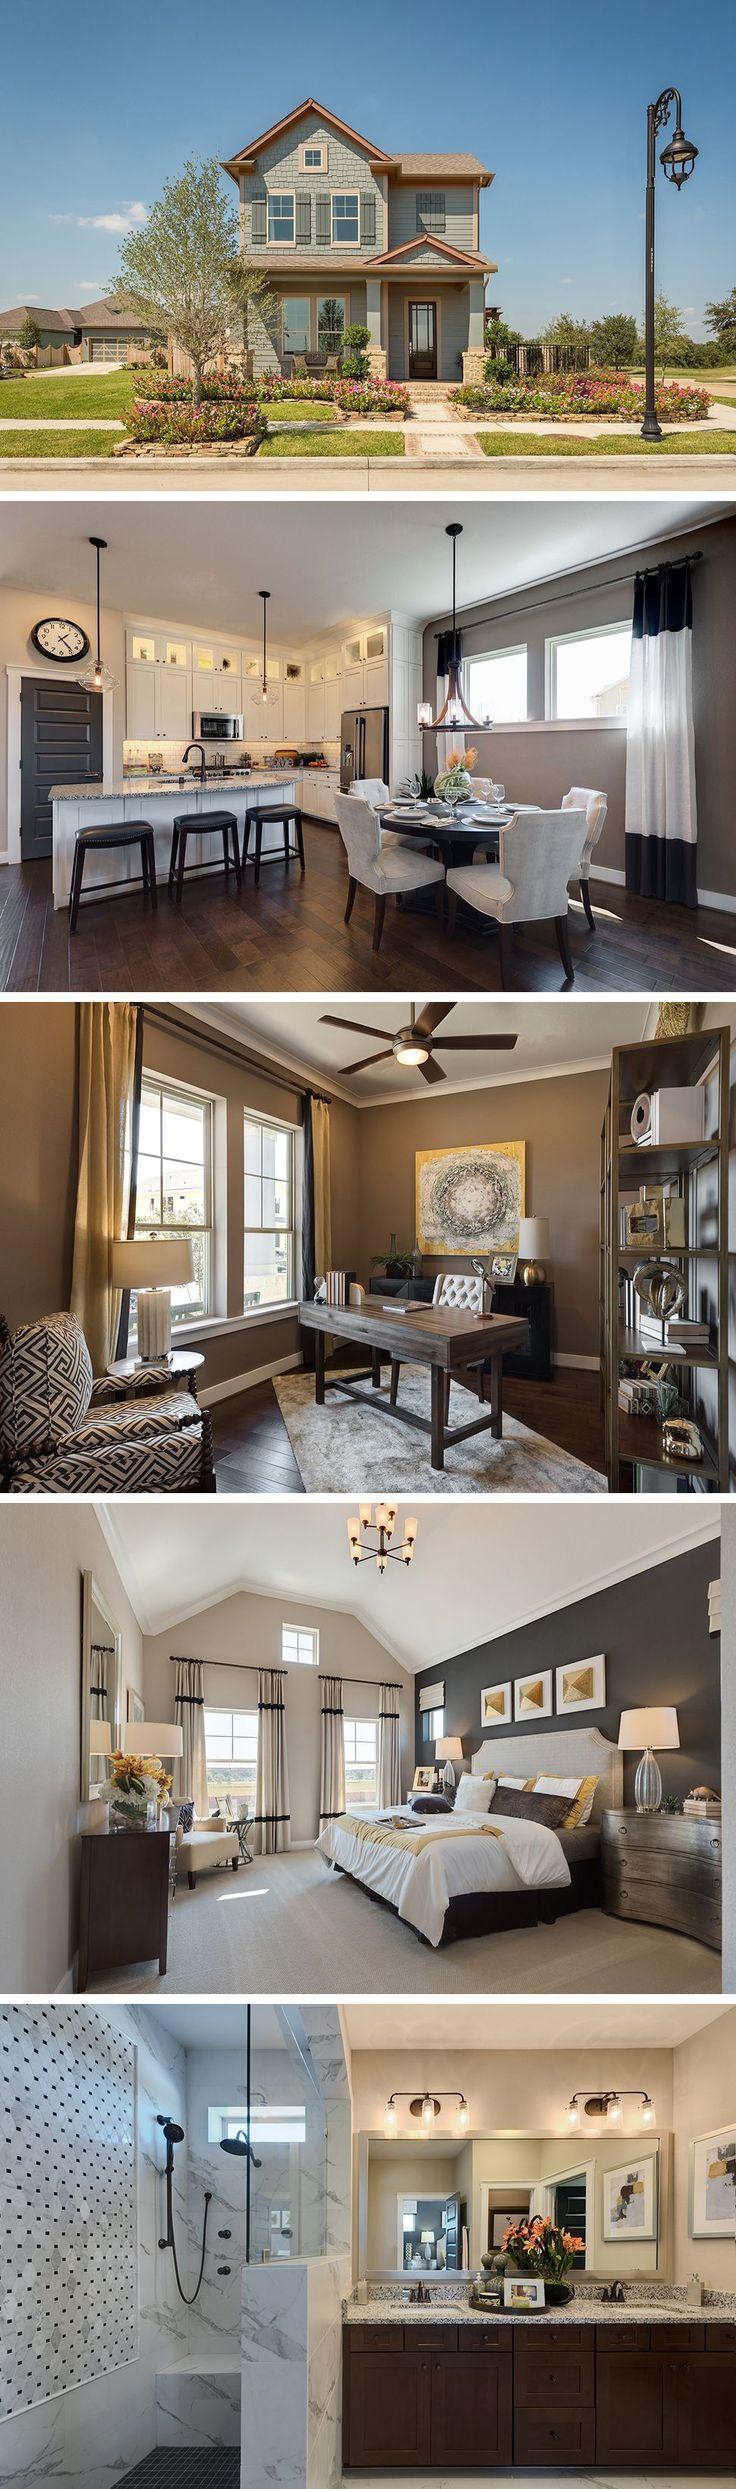 Best Craftsman Style Interiors Ideas On Pinterest Craftsman - Craftsman style interior color schemes